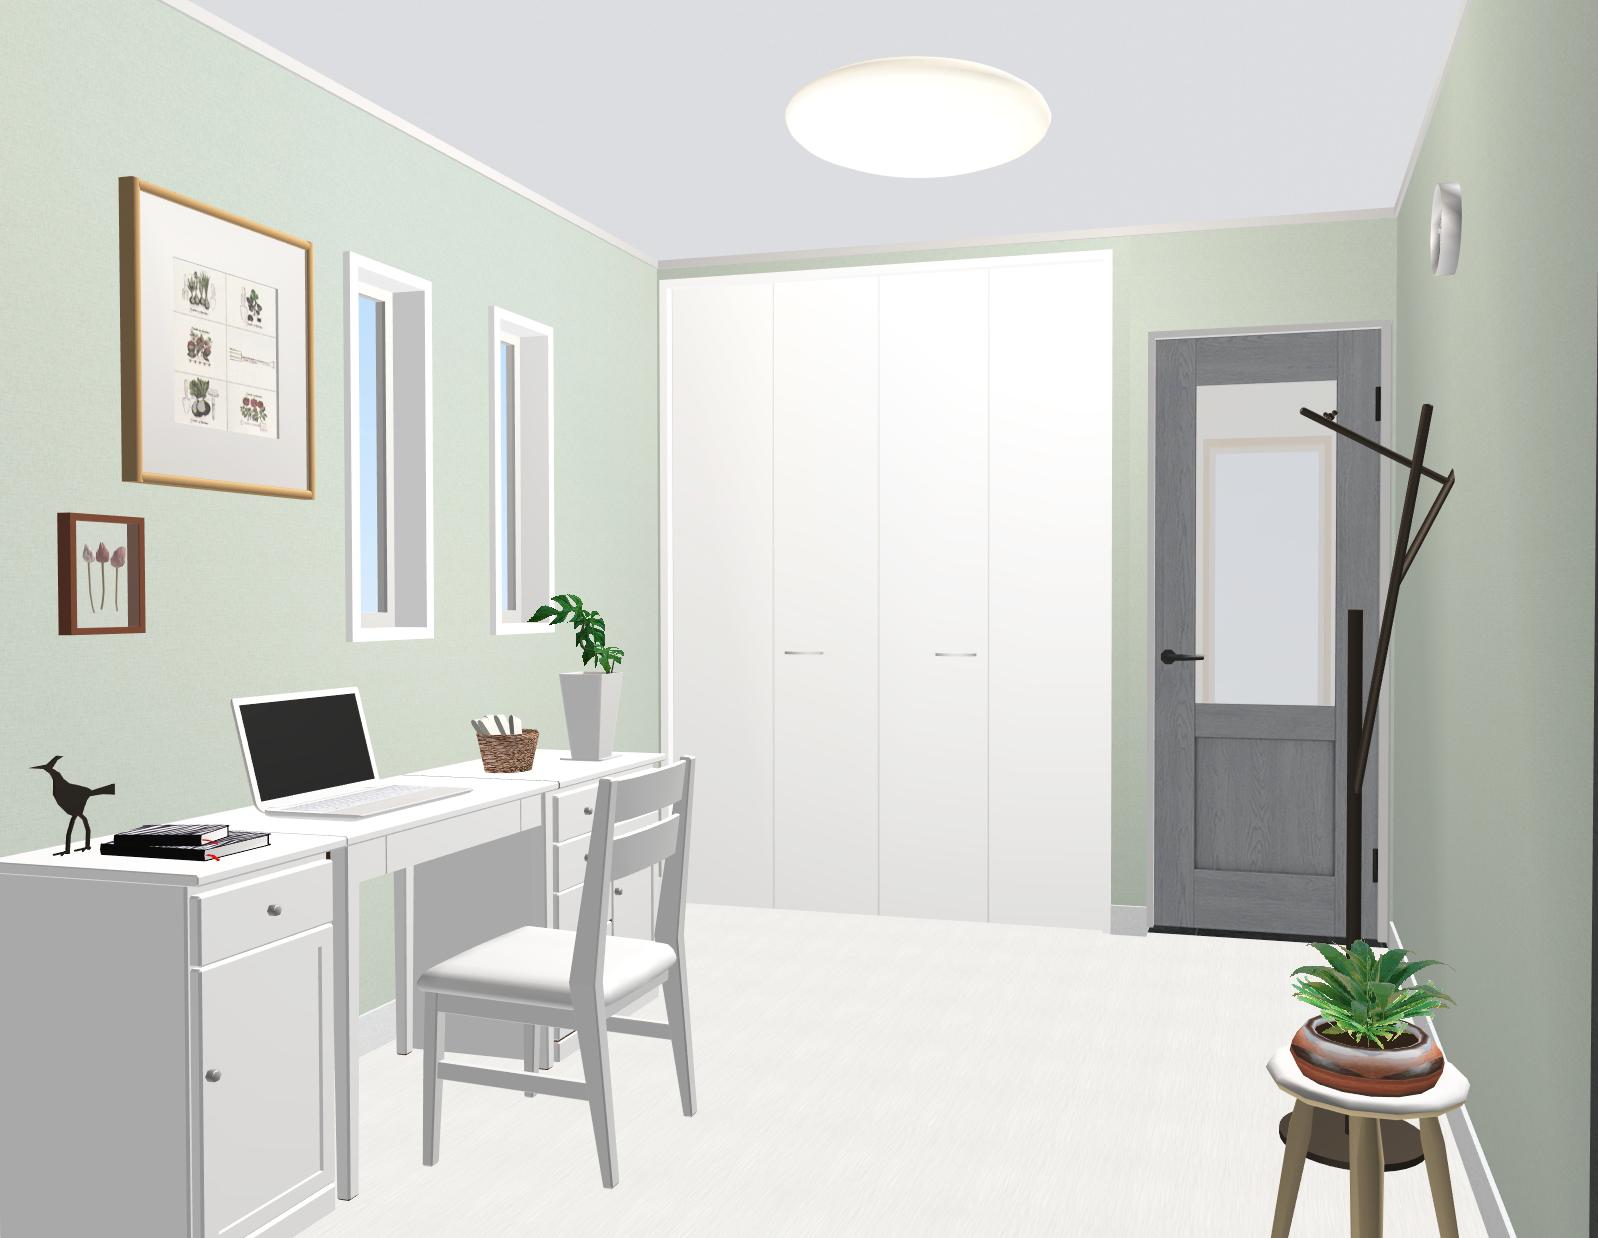 建物プラン例:1階の洋室4.5帖です。 クローゼット収納付き。 建物価格:1280万円、建物面積:62.73㎡